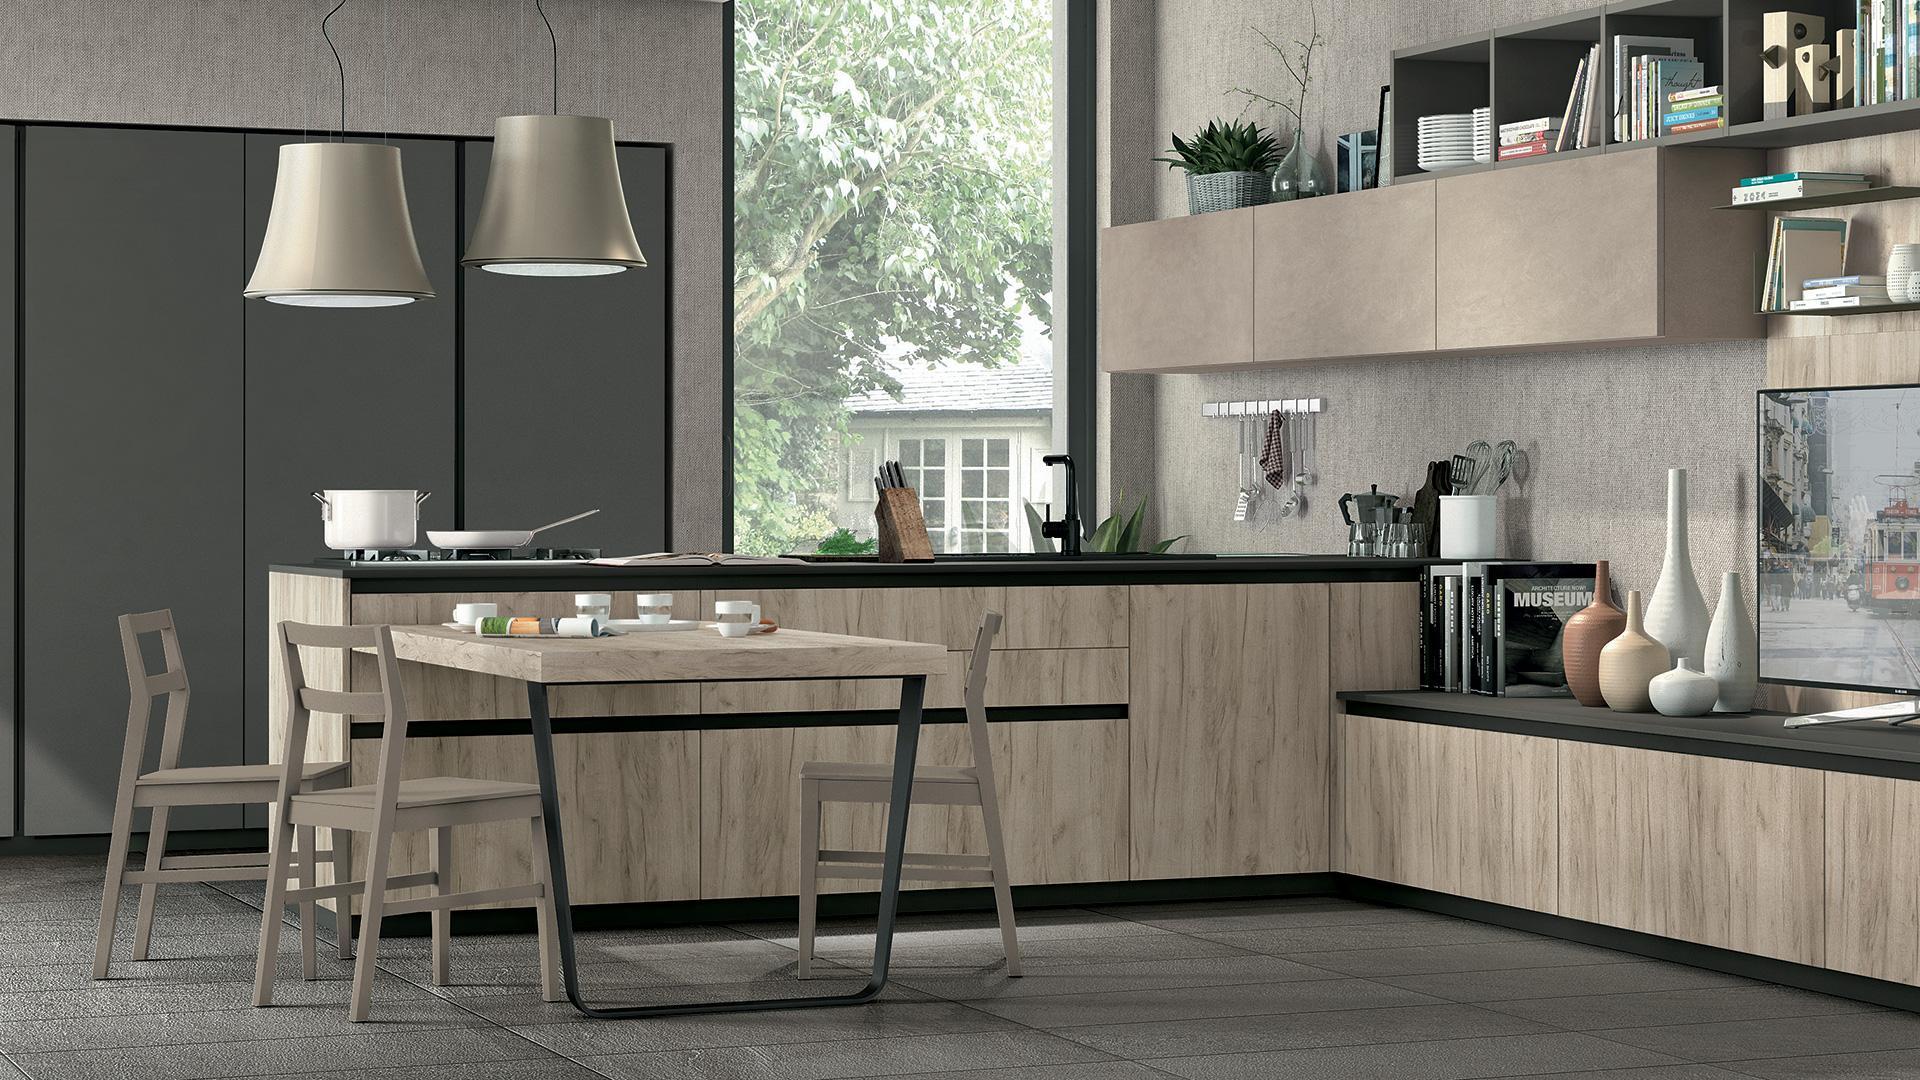 Cucine Lube: ottime opinioni per un marchio di qualità